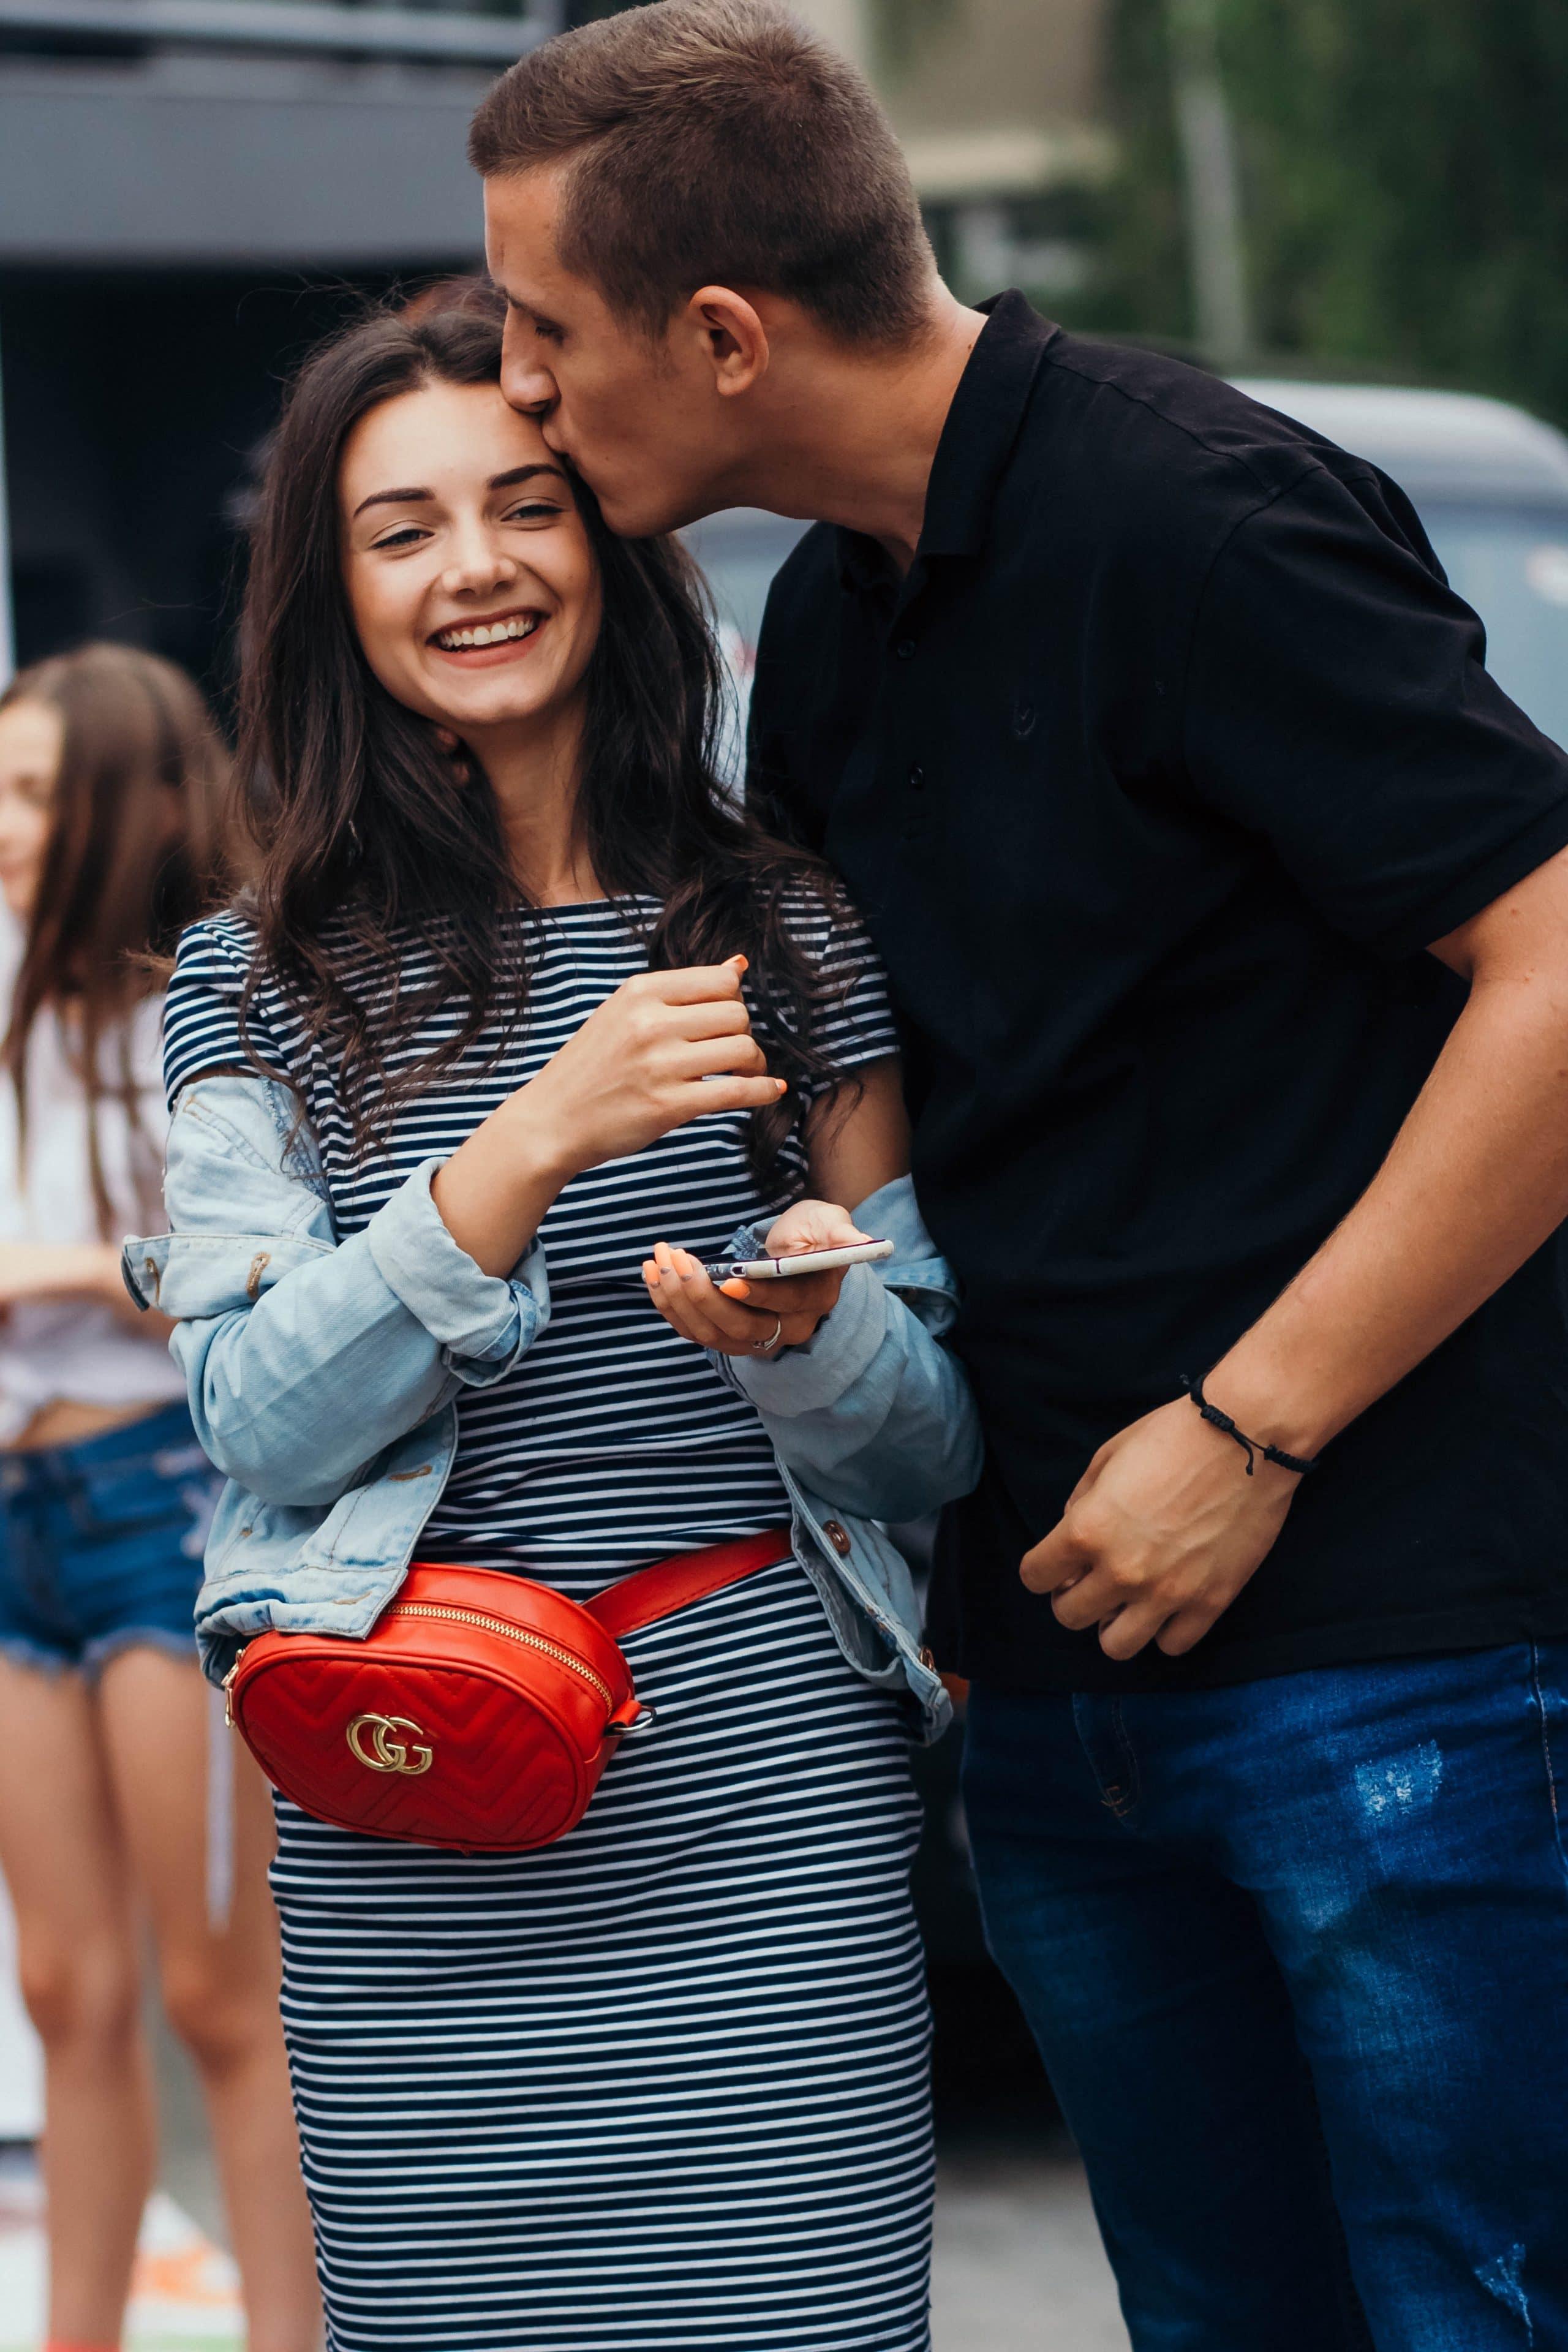 Homem de camisa preta dá um beijo carinhoso na testa de namorada com vestido listrado, jaqueta jeans e bolsa vermelha.